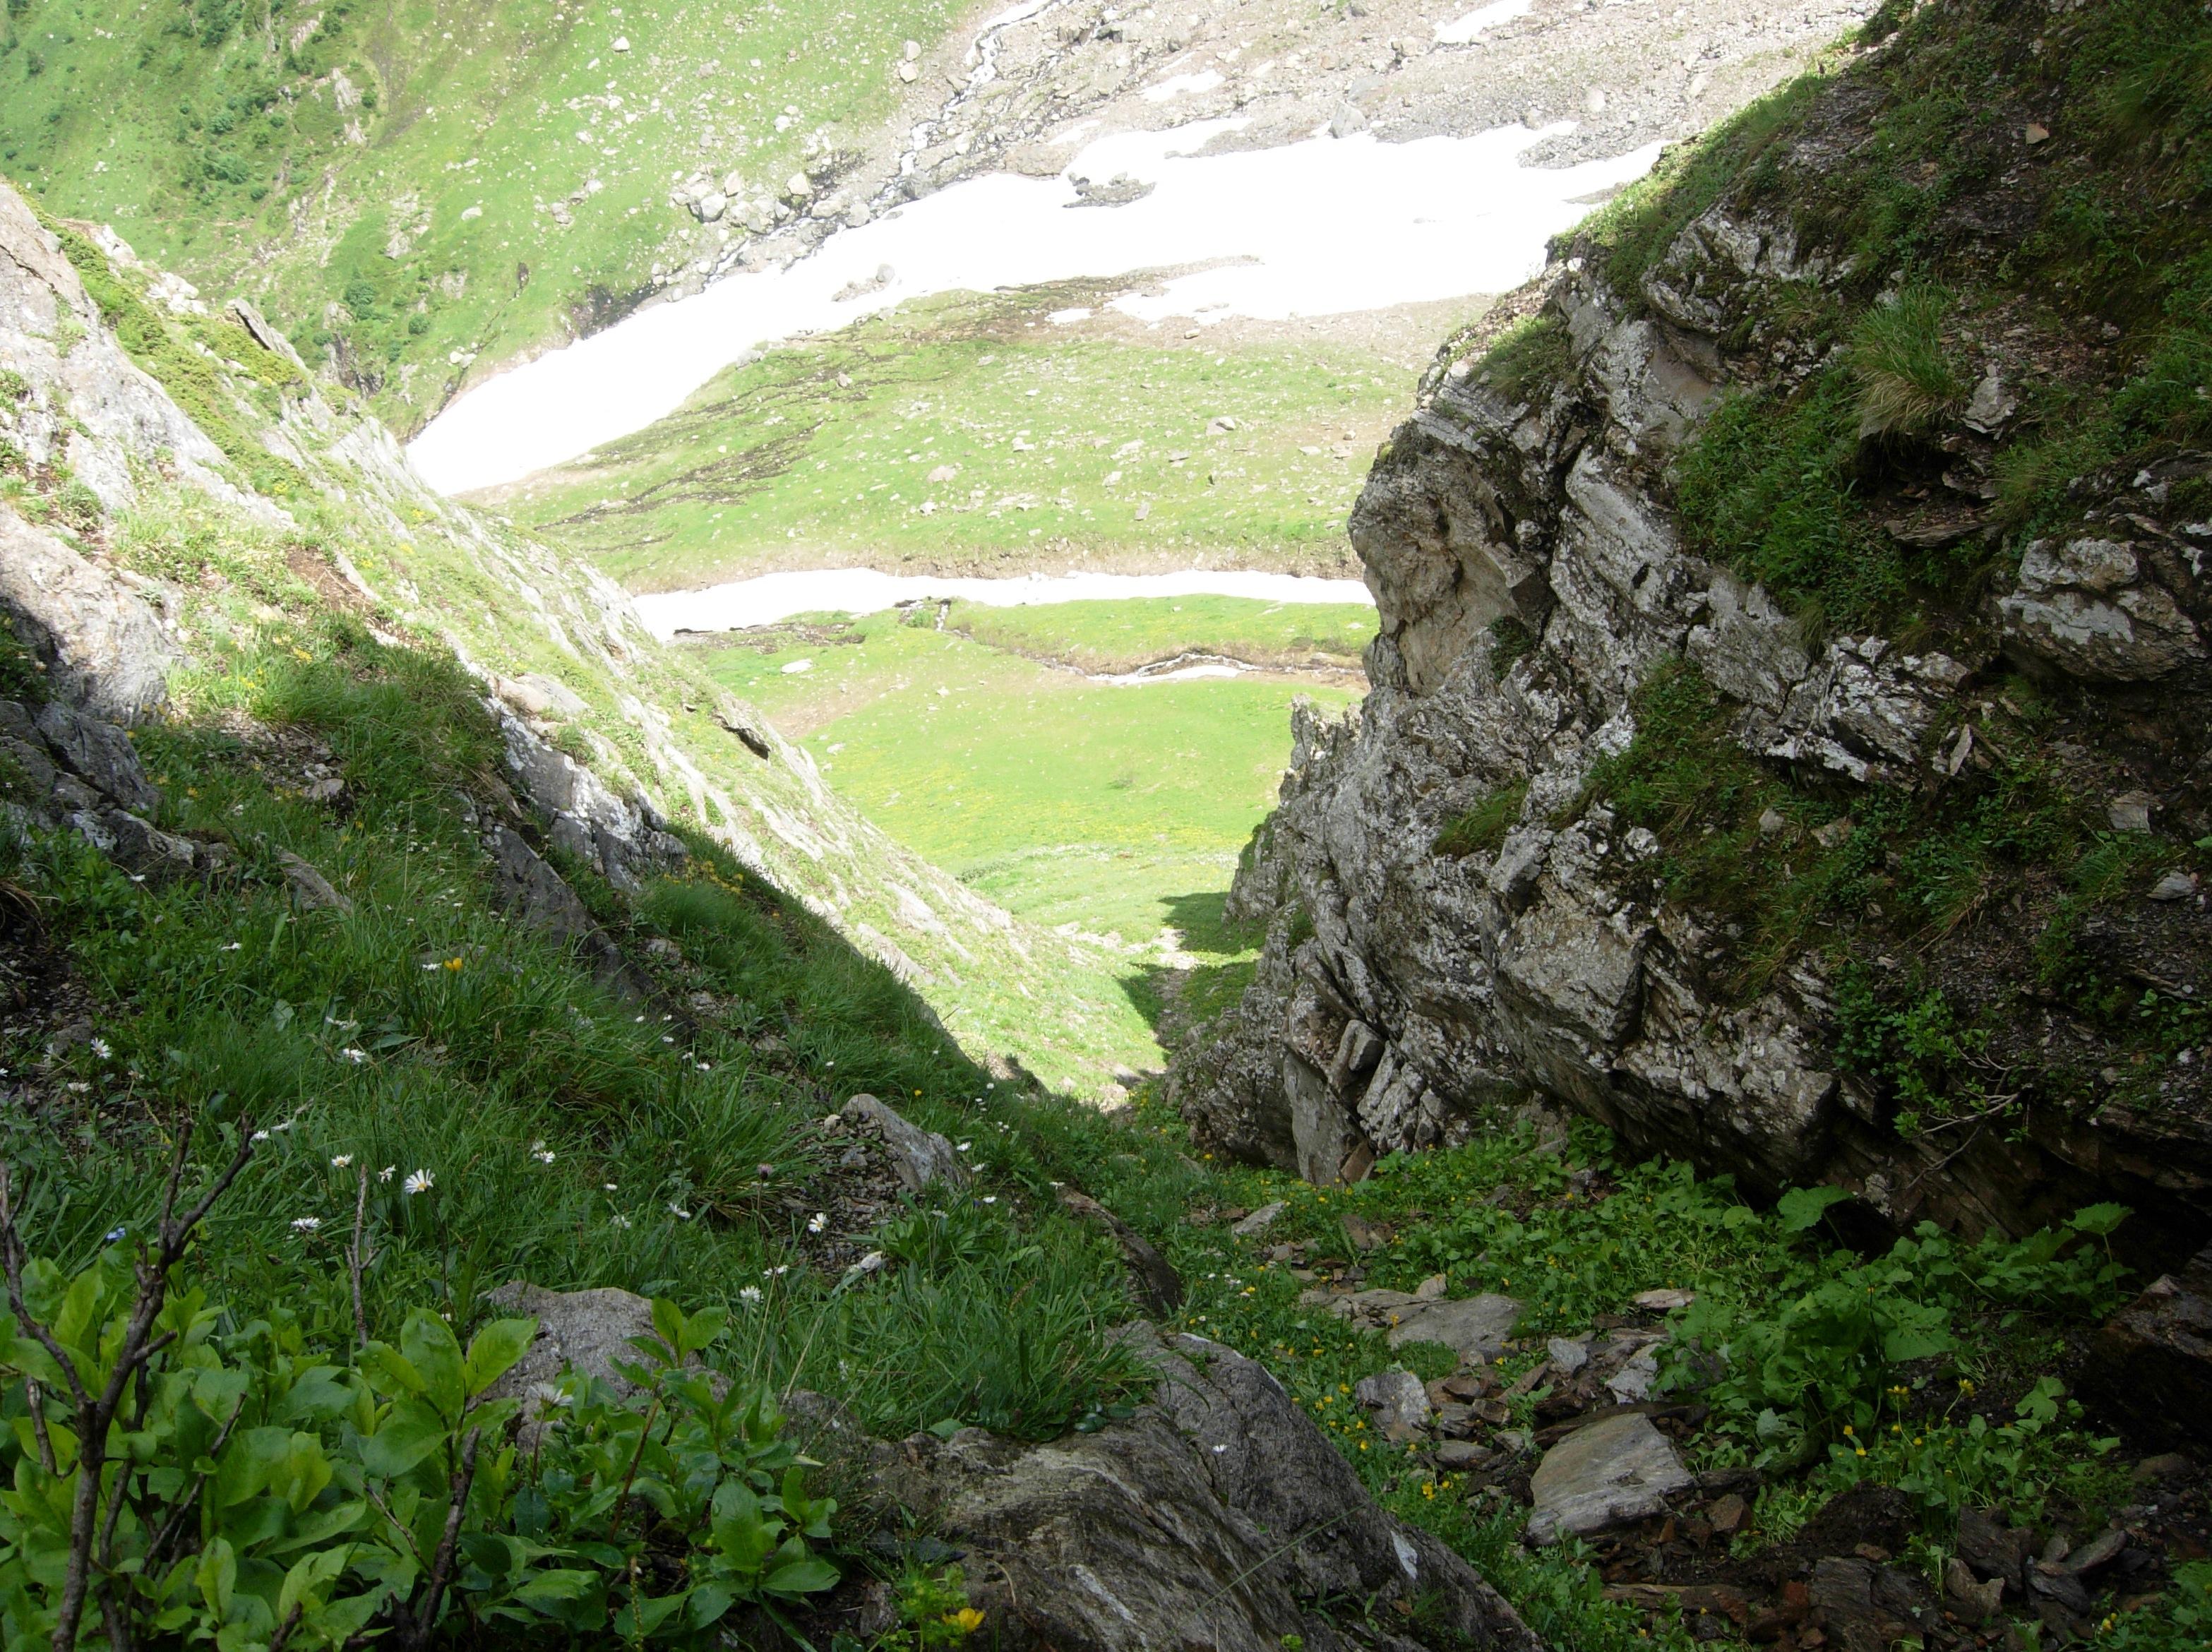 Vista verso il basso dalla fessura...scendere è stato piùttosto impegnativo senza nè corda nè ramponi...